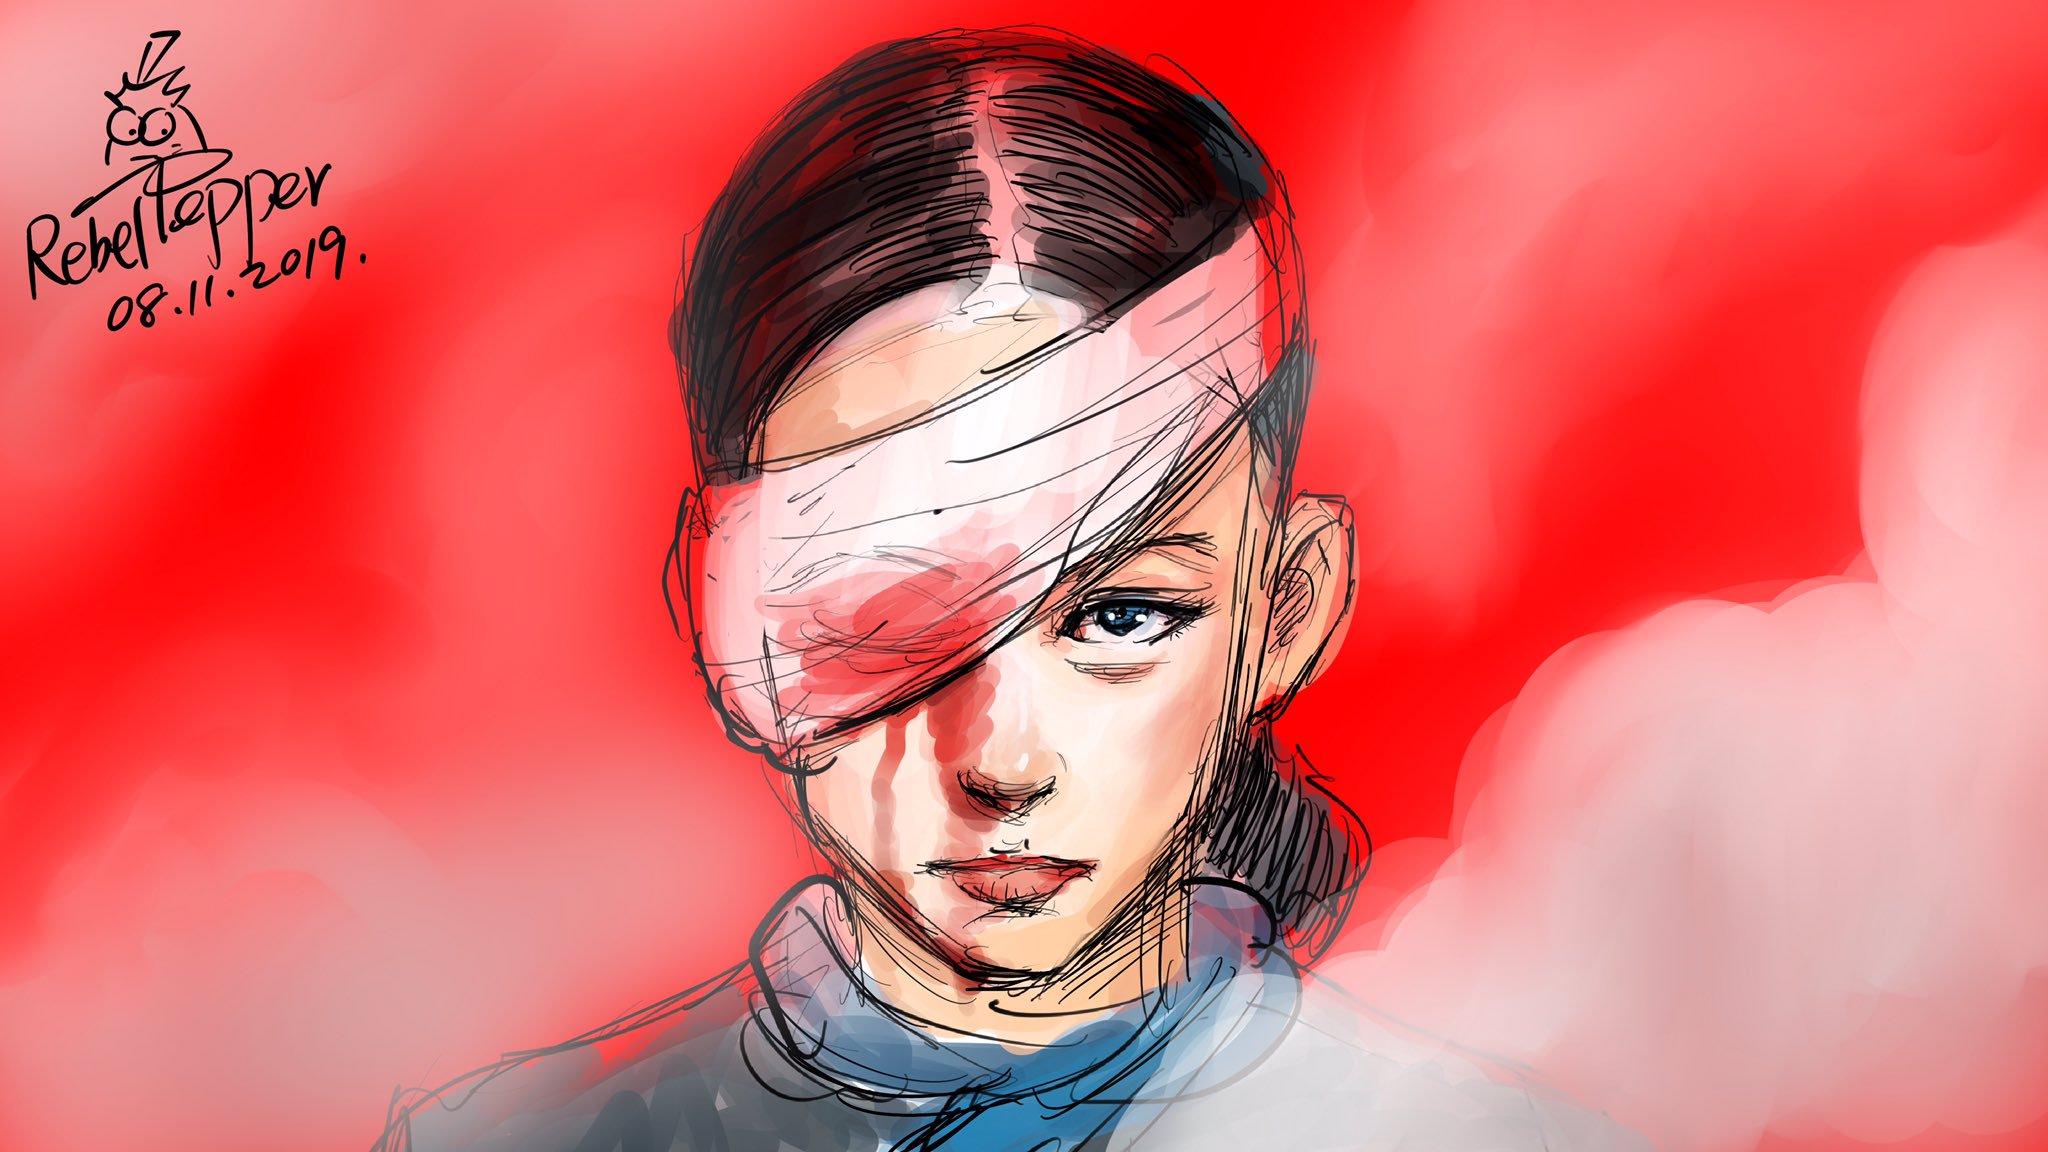 Zeichnung eier Frau, deren rechtes Augen mit einer blutdurchtränkten Augenbinde verbunden ist.